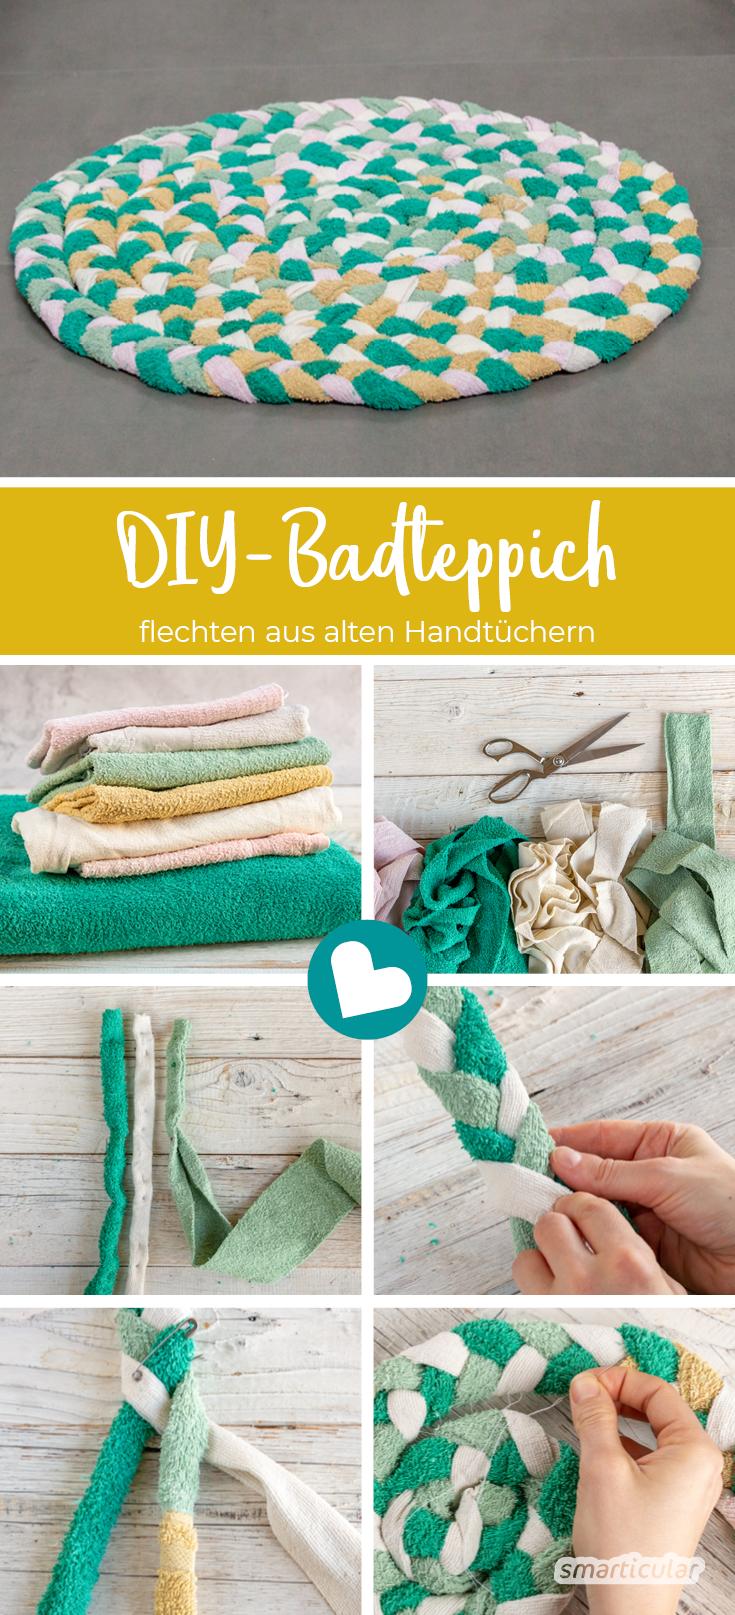 Badteppich selber machen - so lässt sich aus alten Handtüchern ein Teppich flechten